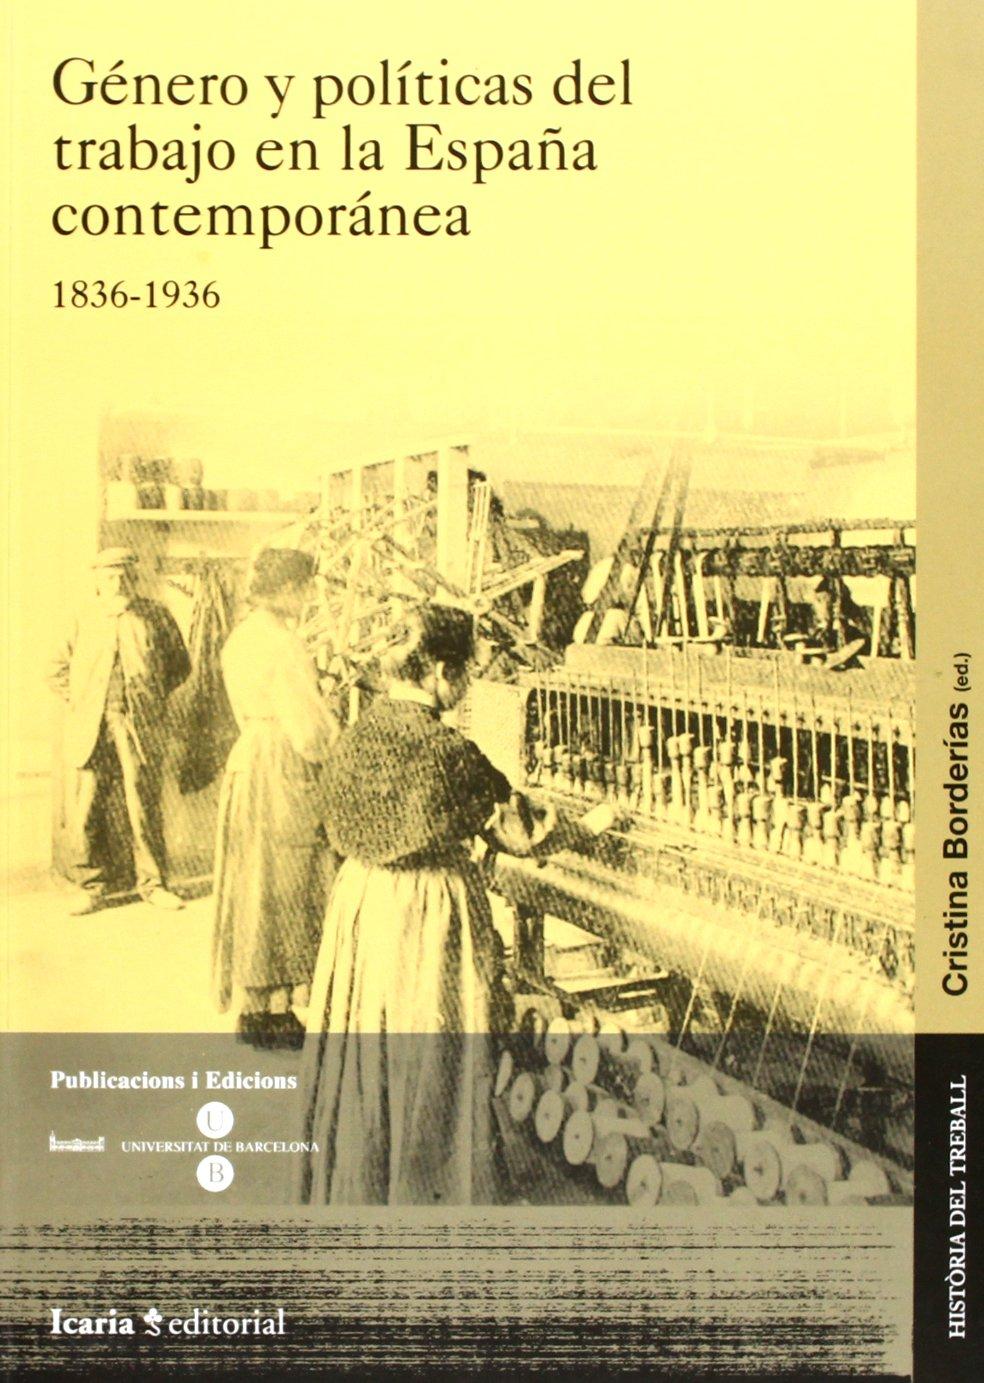 Género y políticas del trabajo en la España contemporánea 1836-1936 HISTÒRIA DEL TREBALL: Amazon.es: Borderias Mondejar, Cristina: Libros